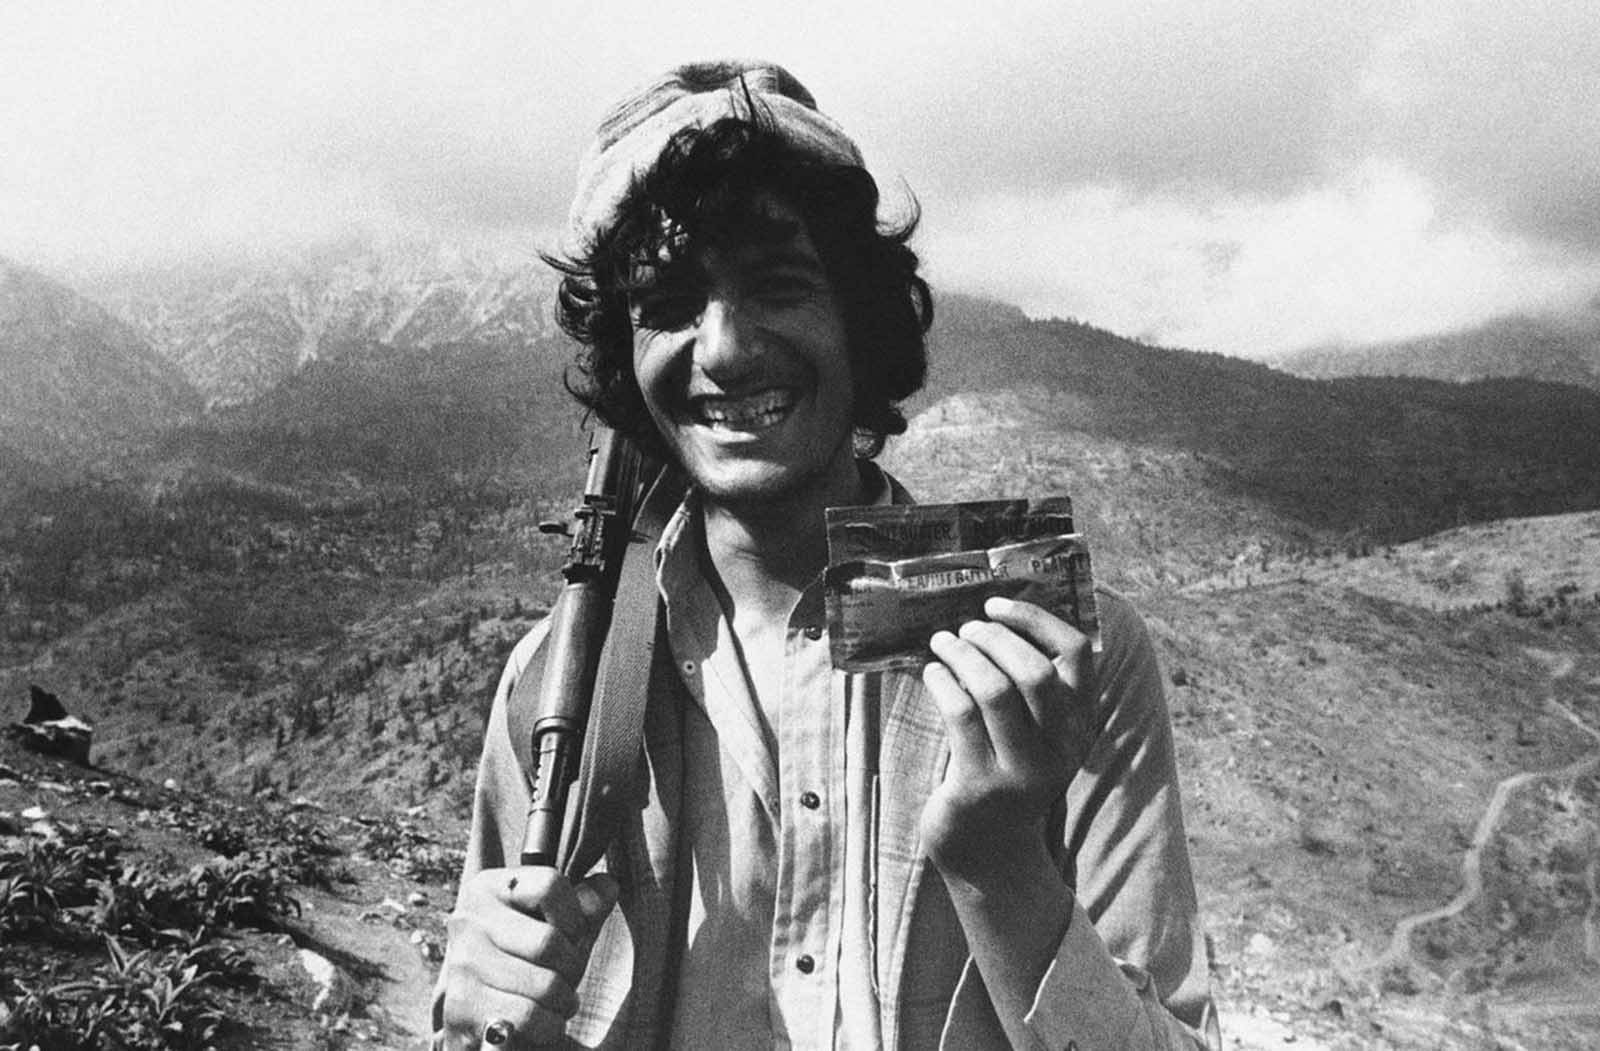 Афганский моджахед и американское арахисовое масло. 1980-е